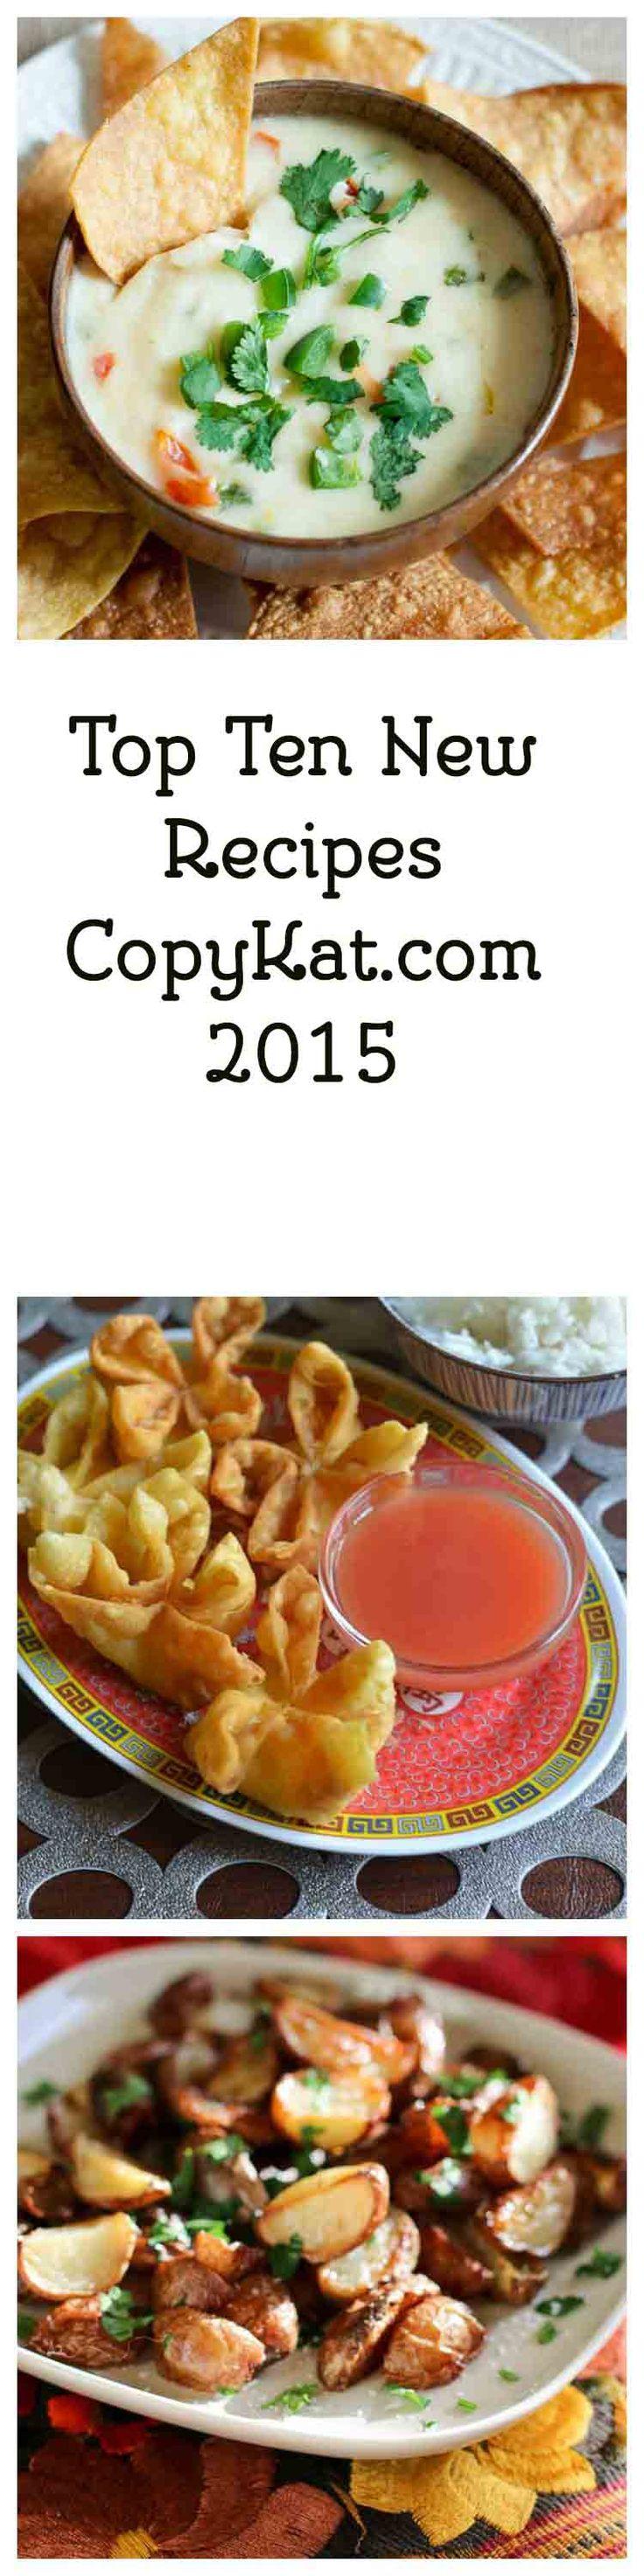 Top 10 New Recipes CopyKat.com 2015